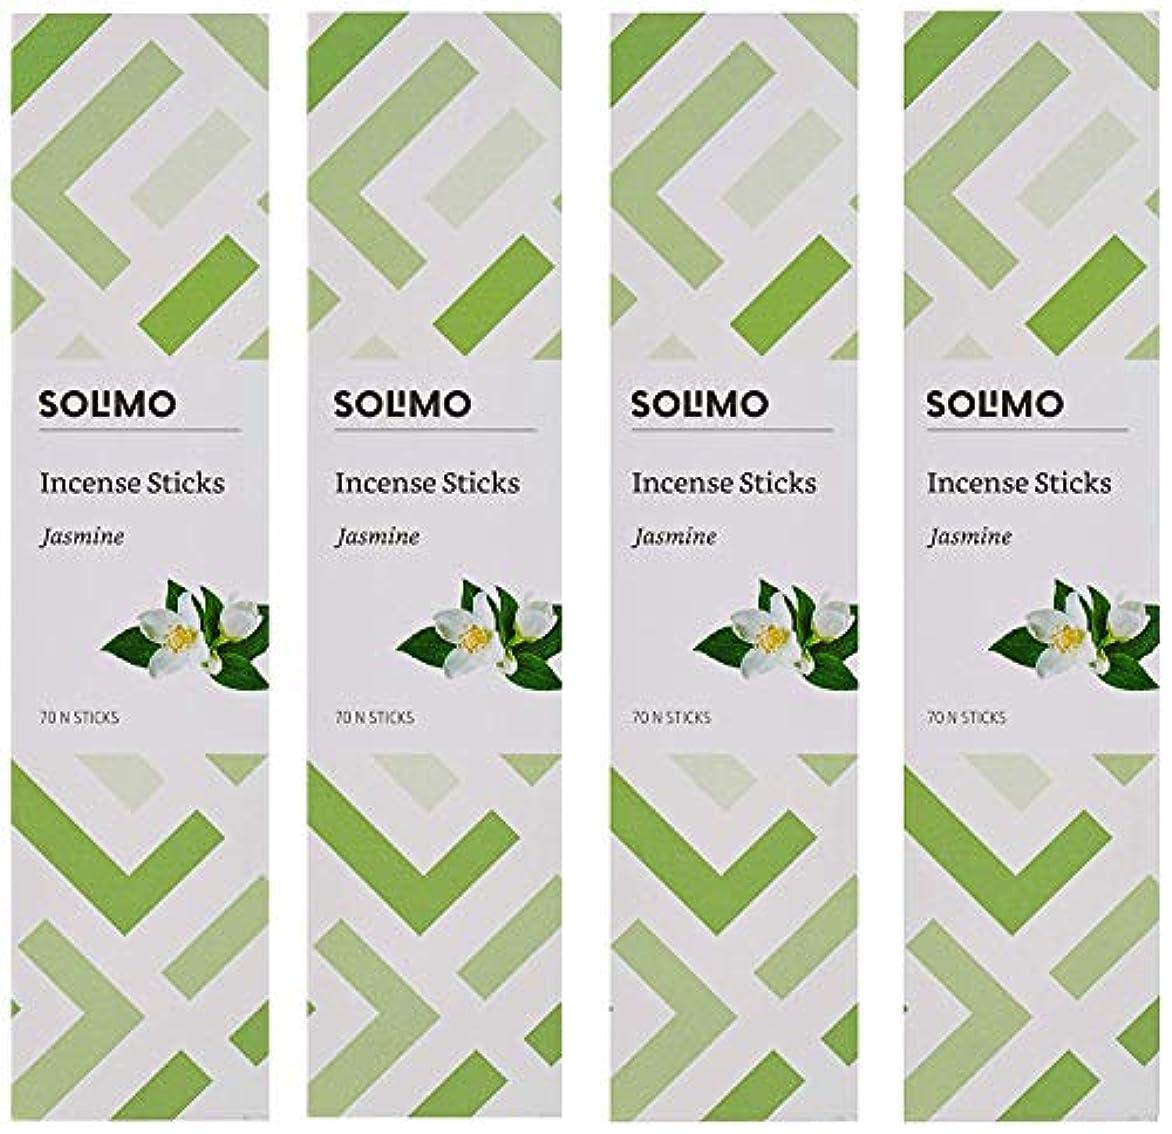 バルブ誇張売上高Amazon Brand - Solimo Incense Sticks, Jasmine - 70 sticks/pack (Pack of 4)